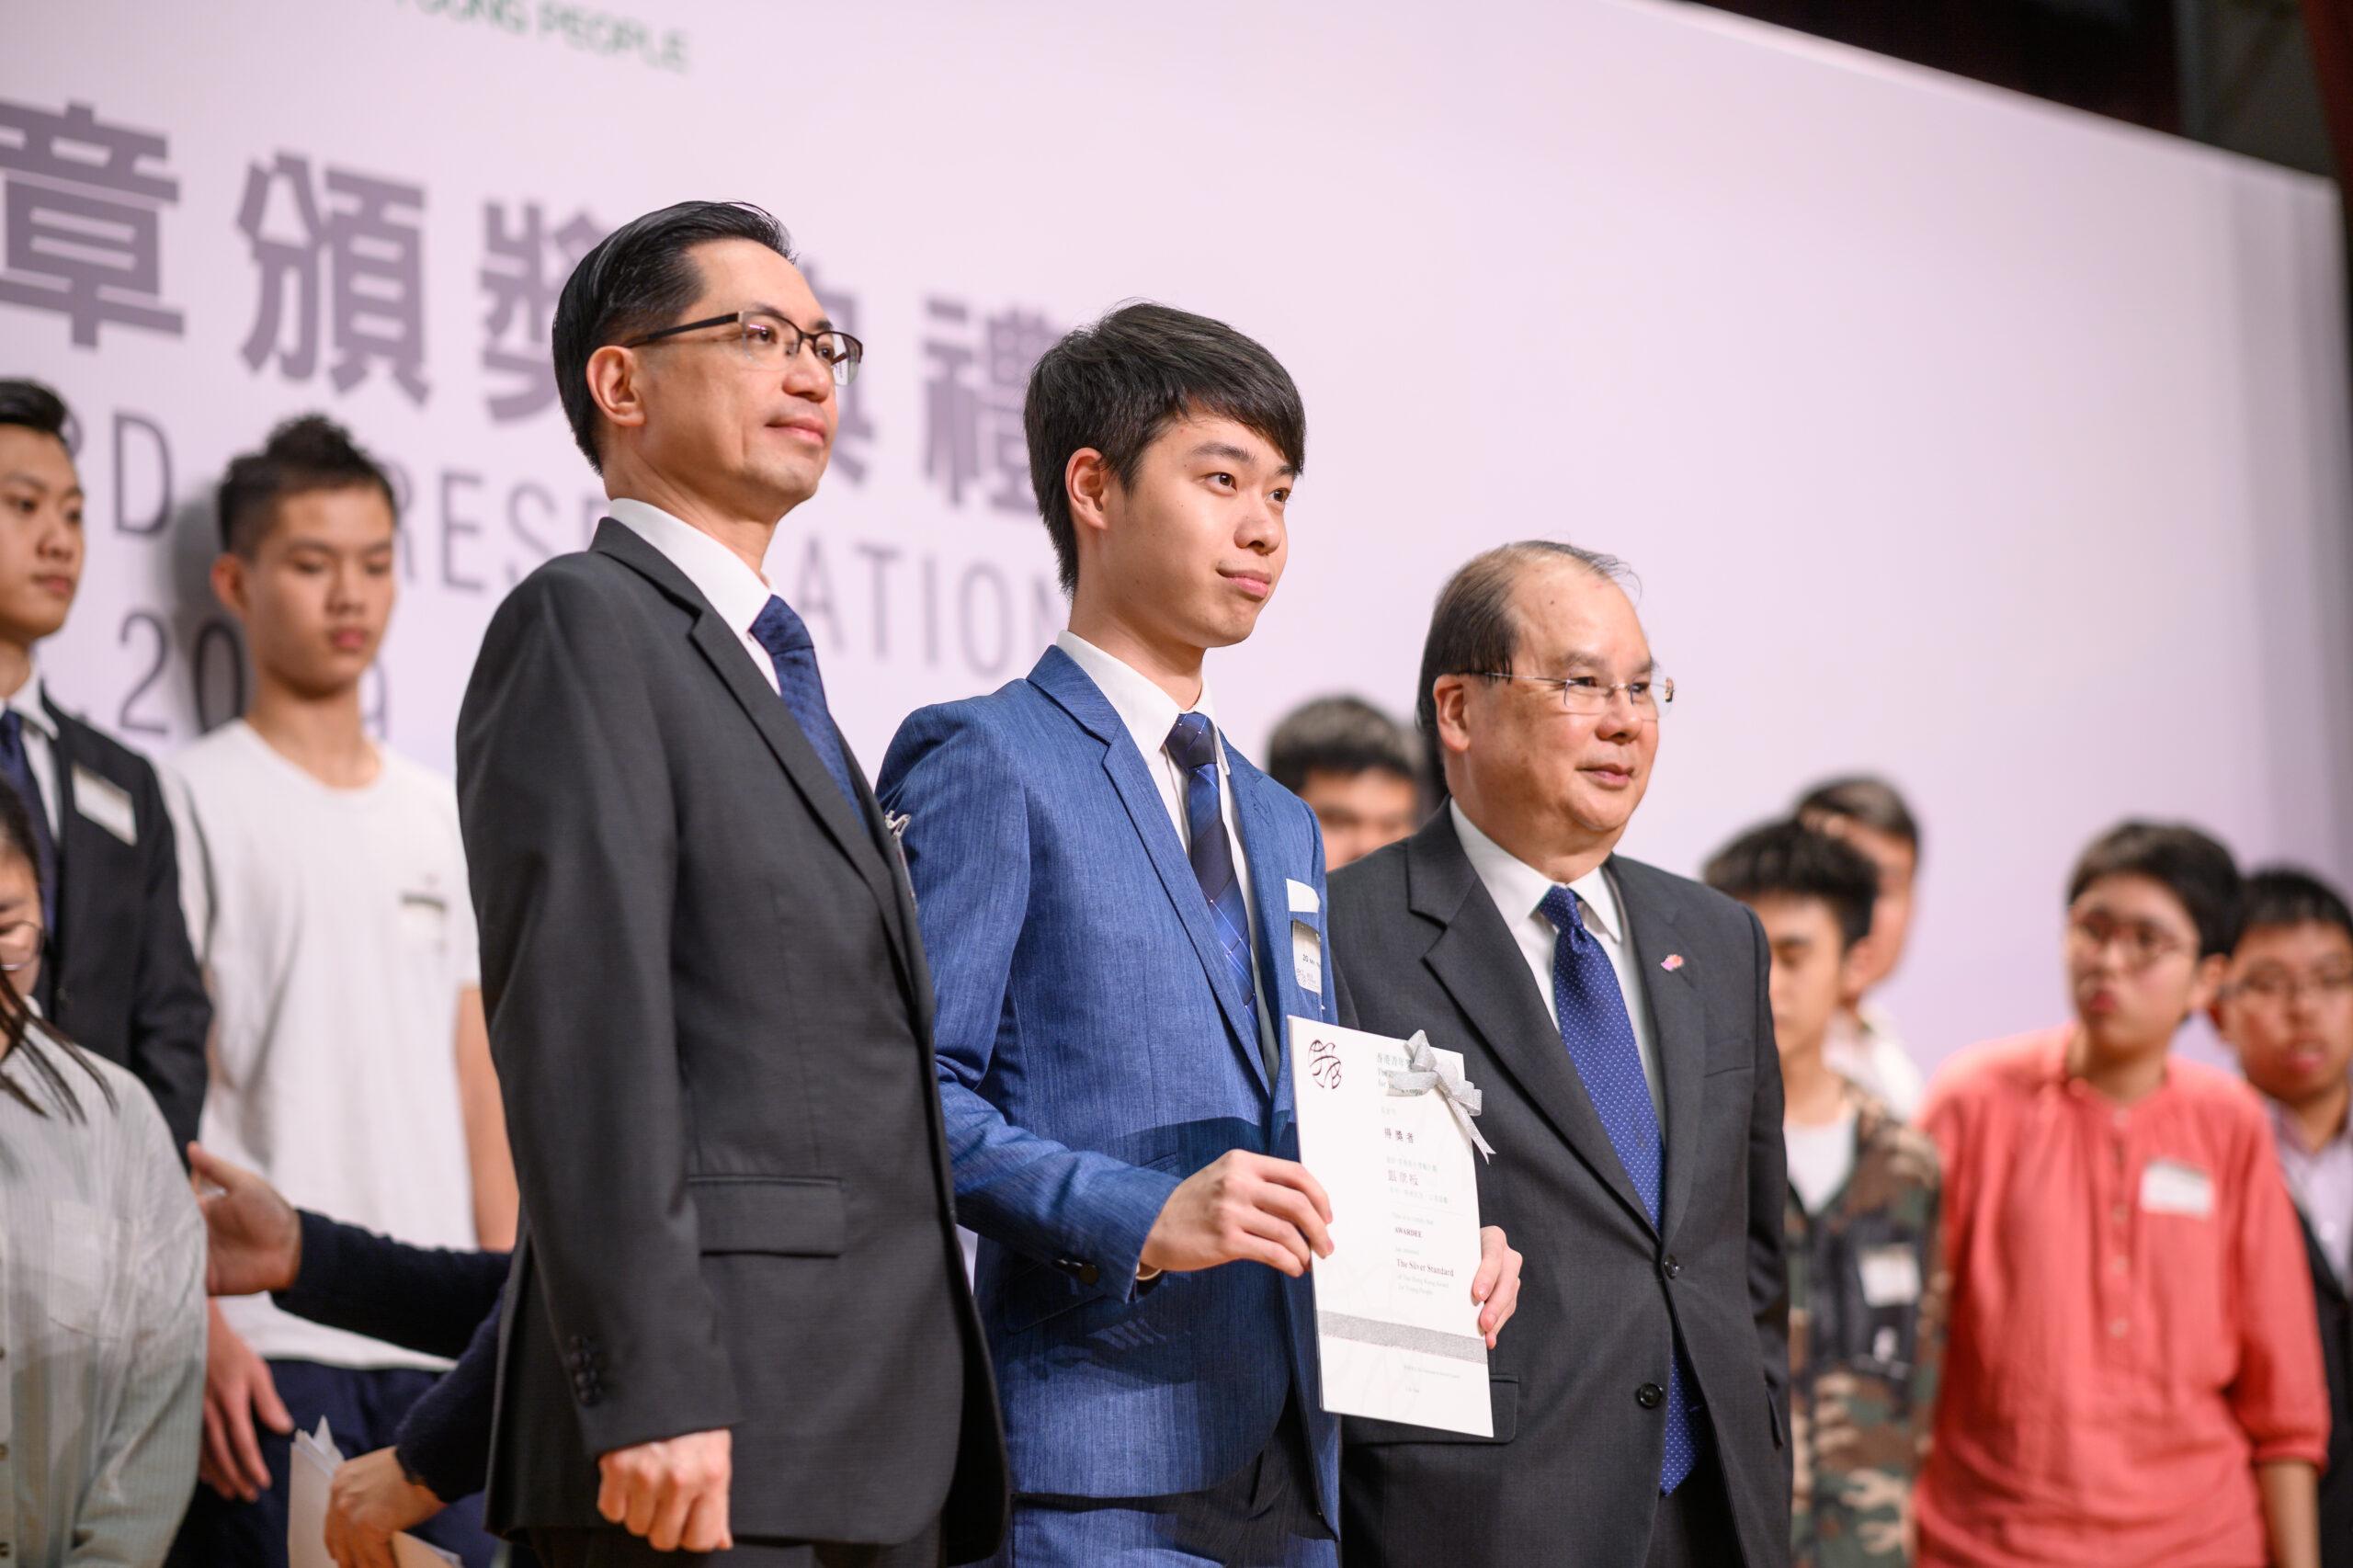 第九十七屆銀章頒獎典禮 AYP與學校為青年人共建成長路 創出驕人成就